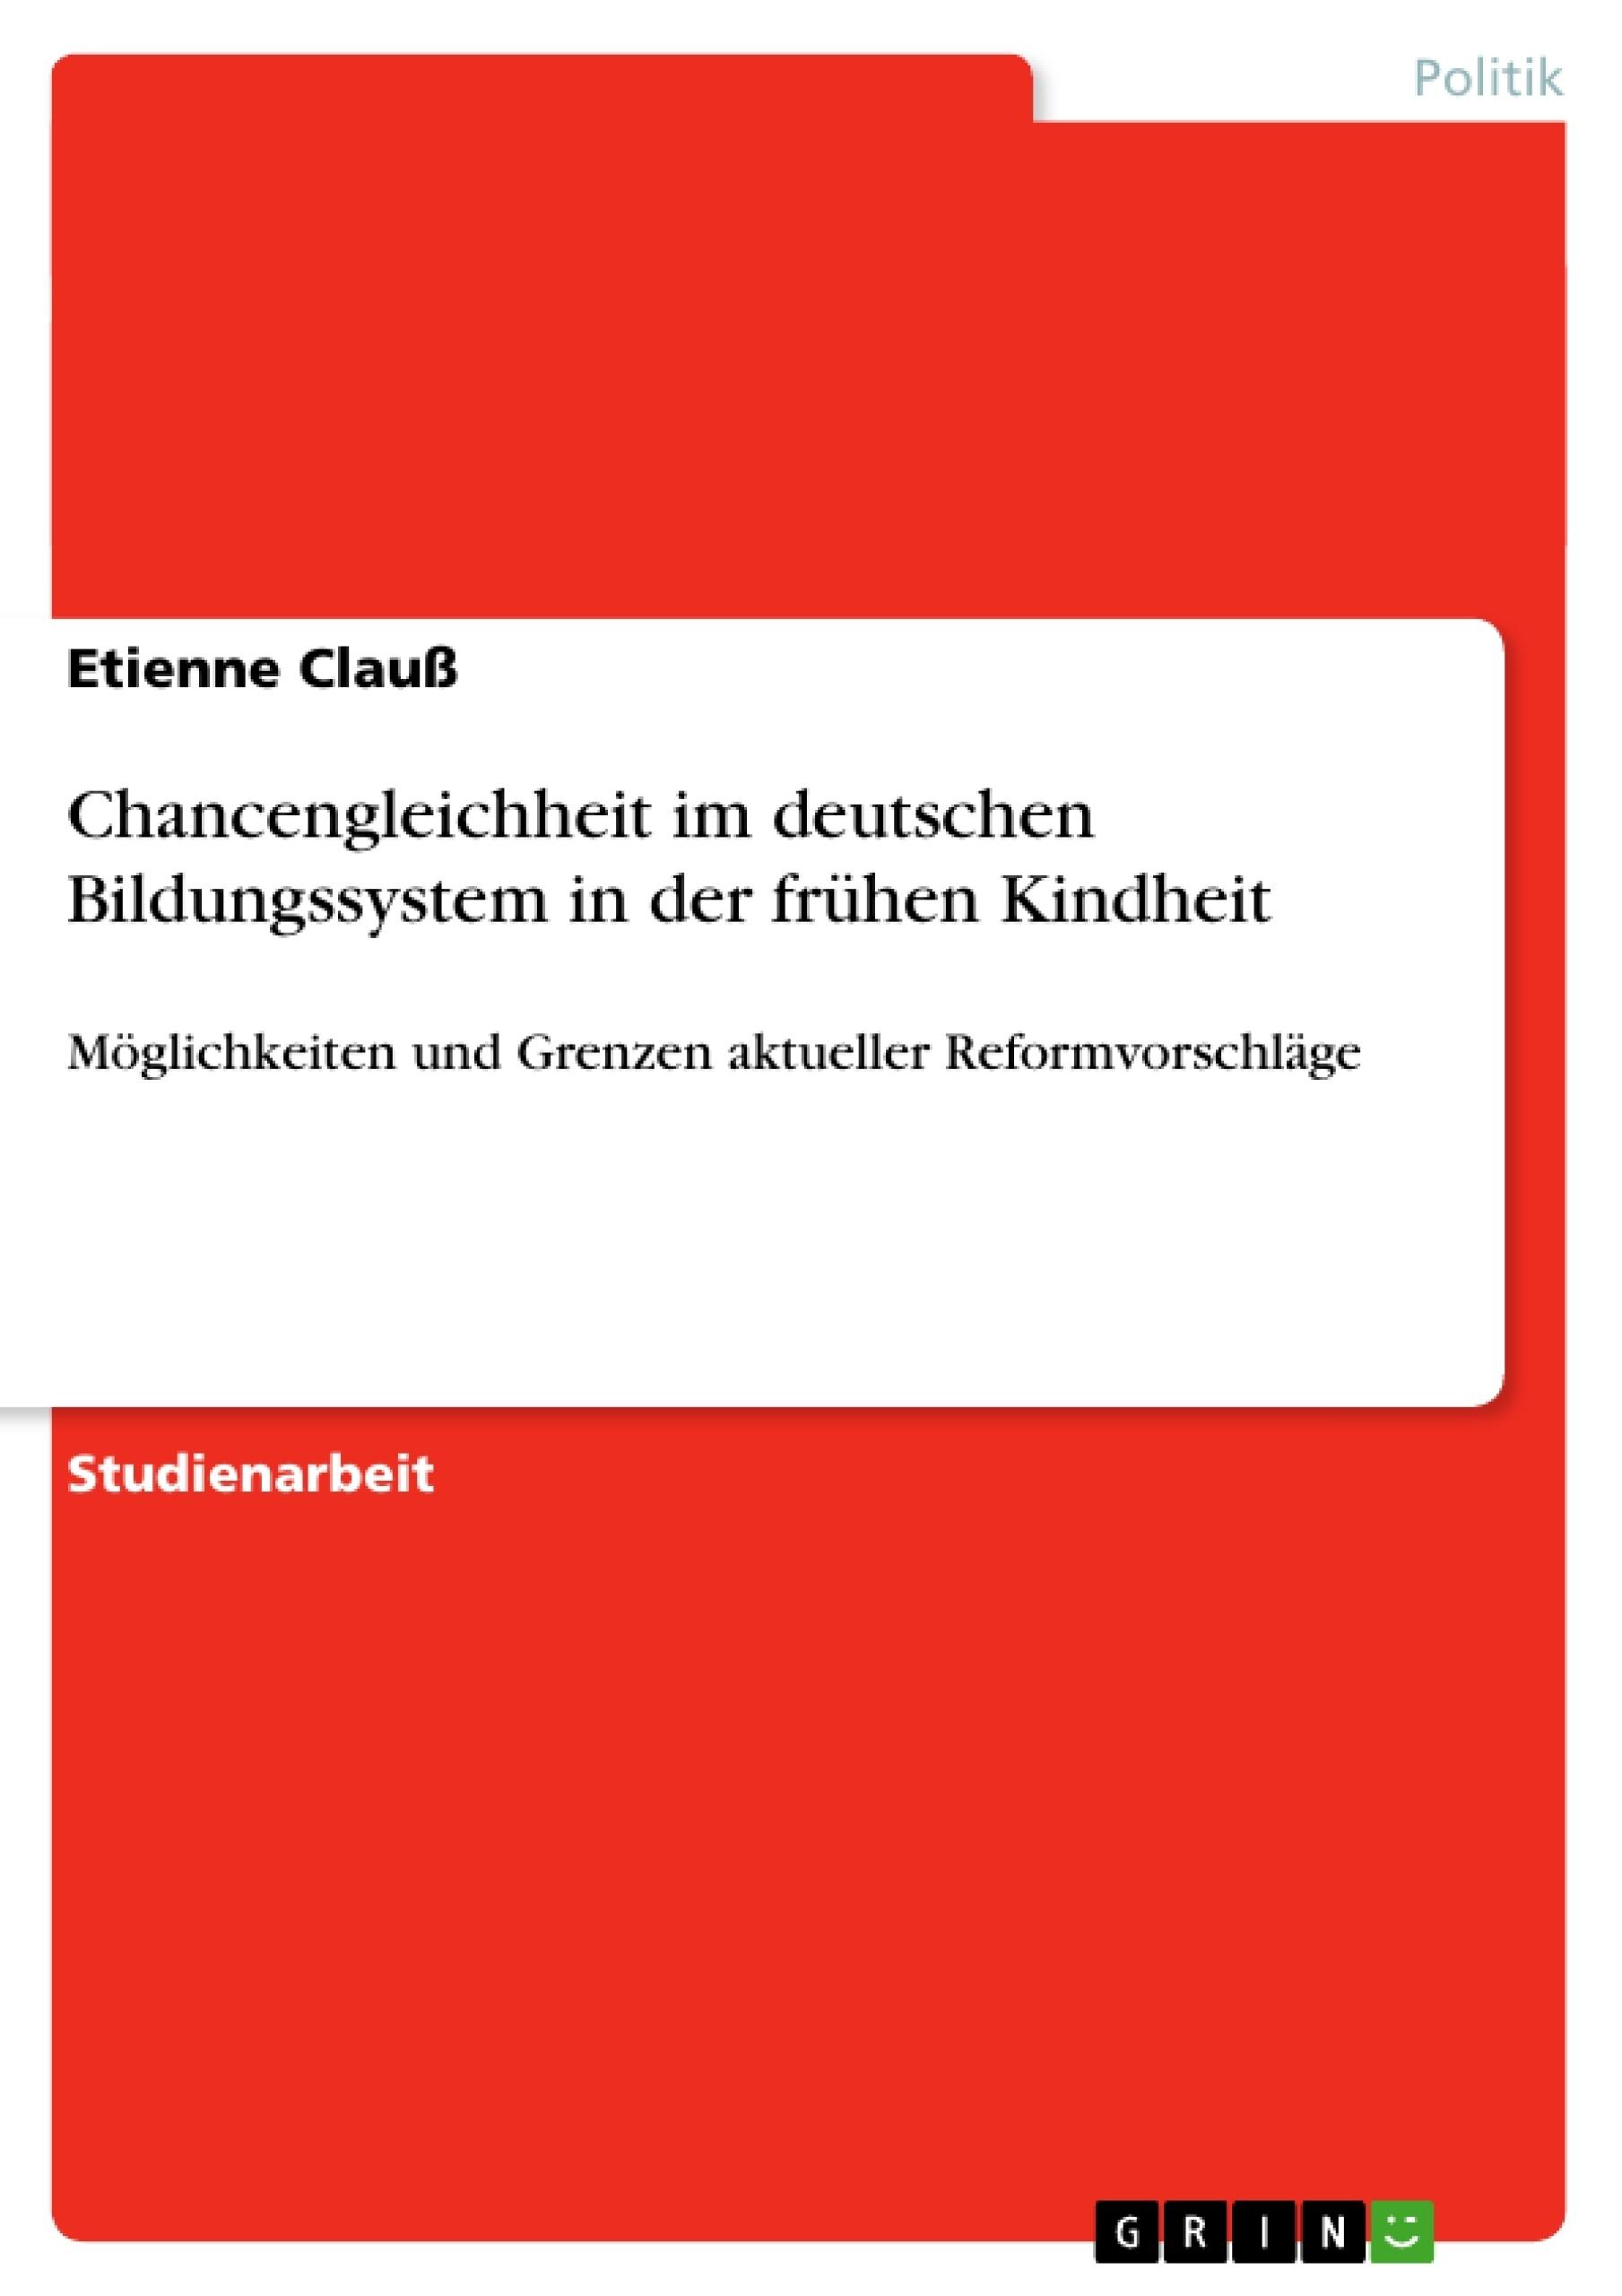 Titel: Chancengleichheit im deutschen Bildungssystem in der frühen Kindheit